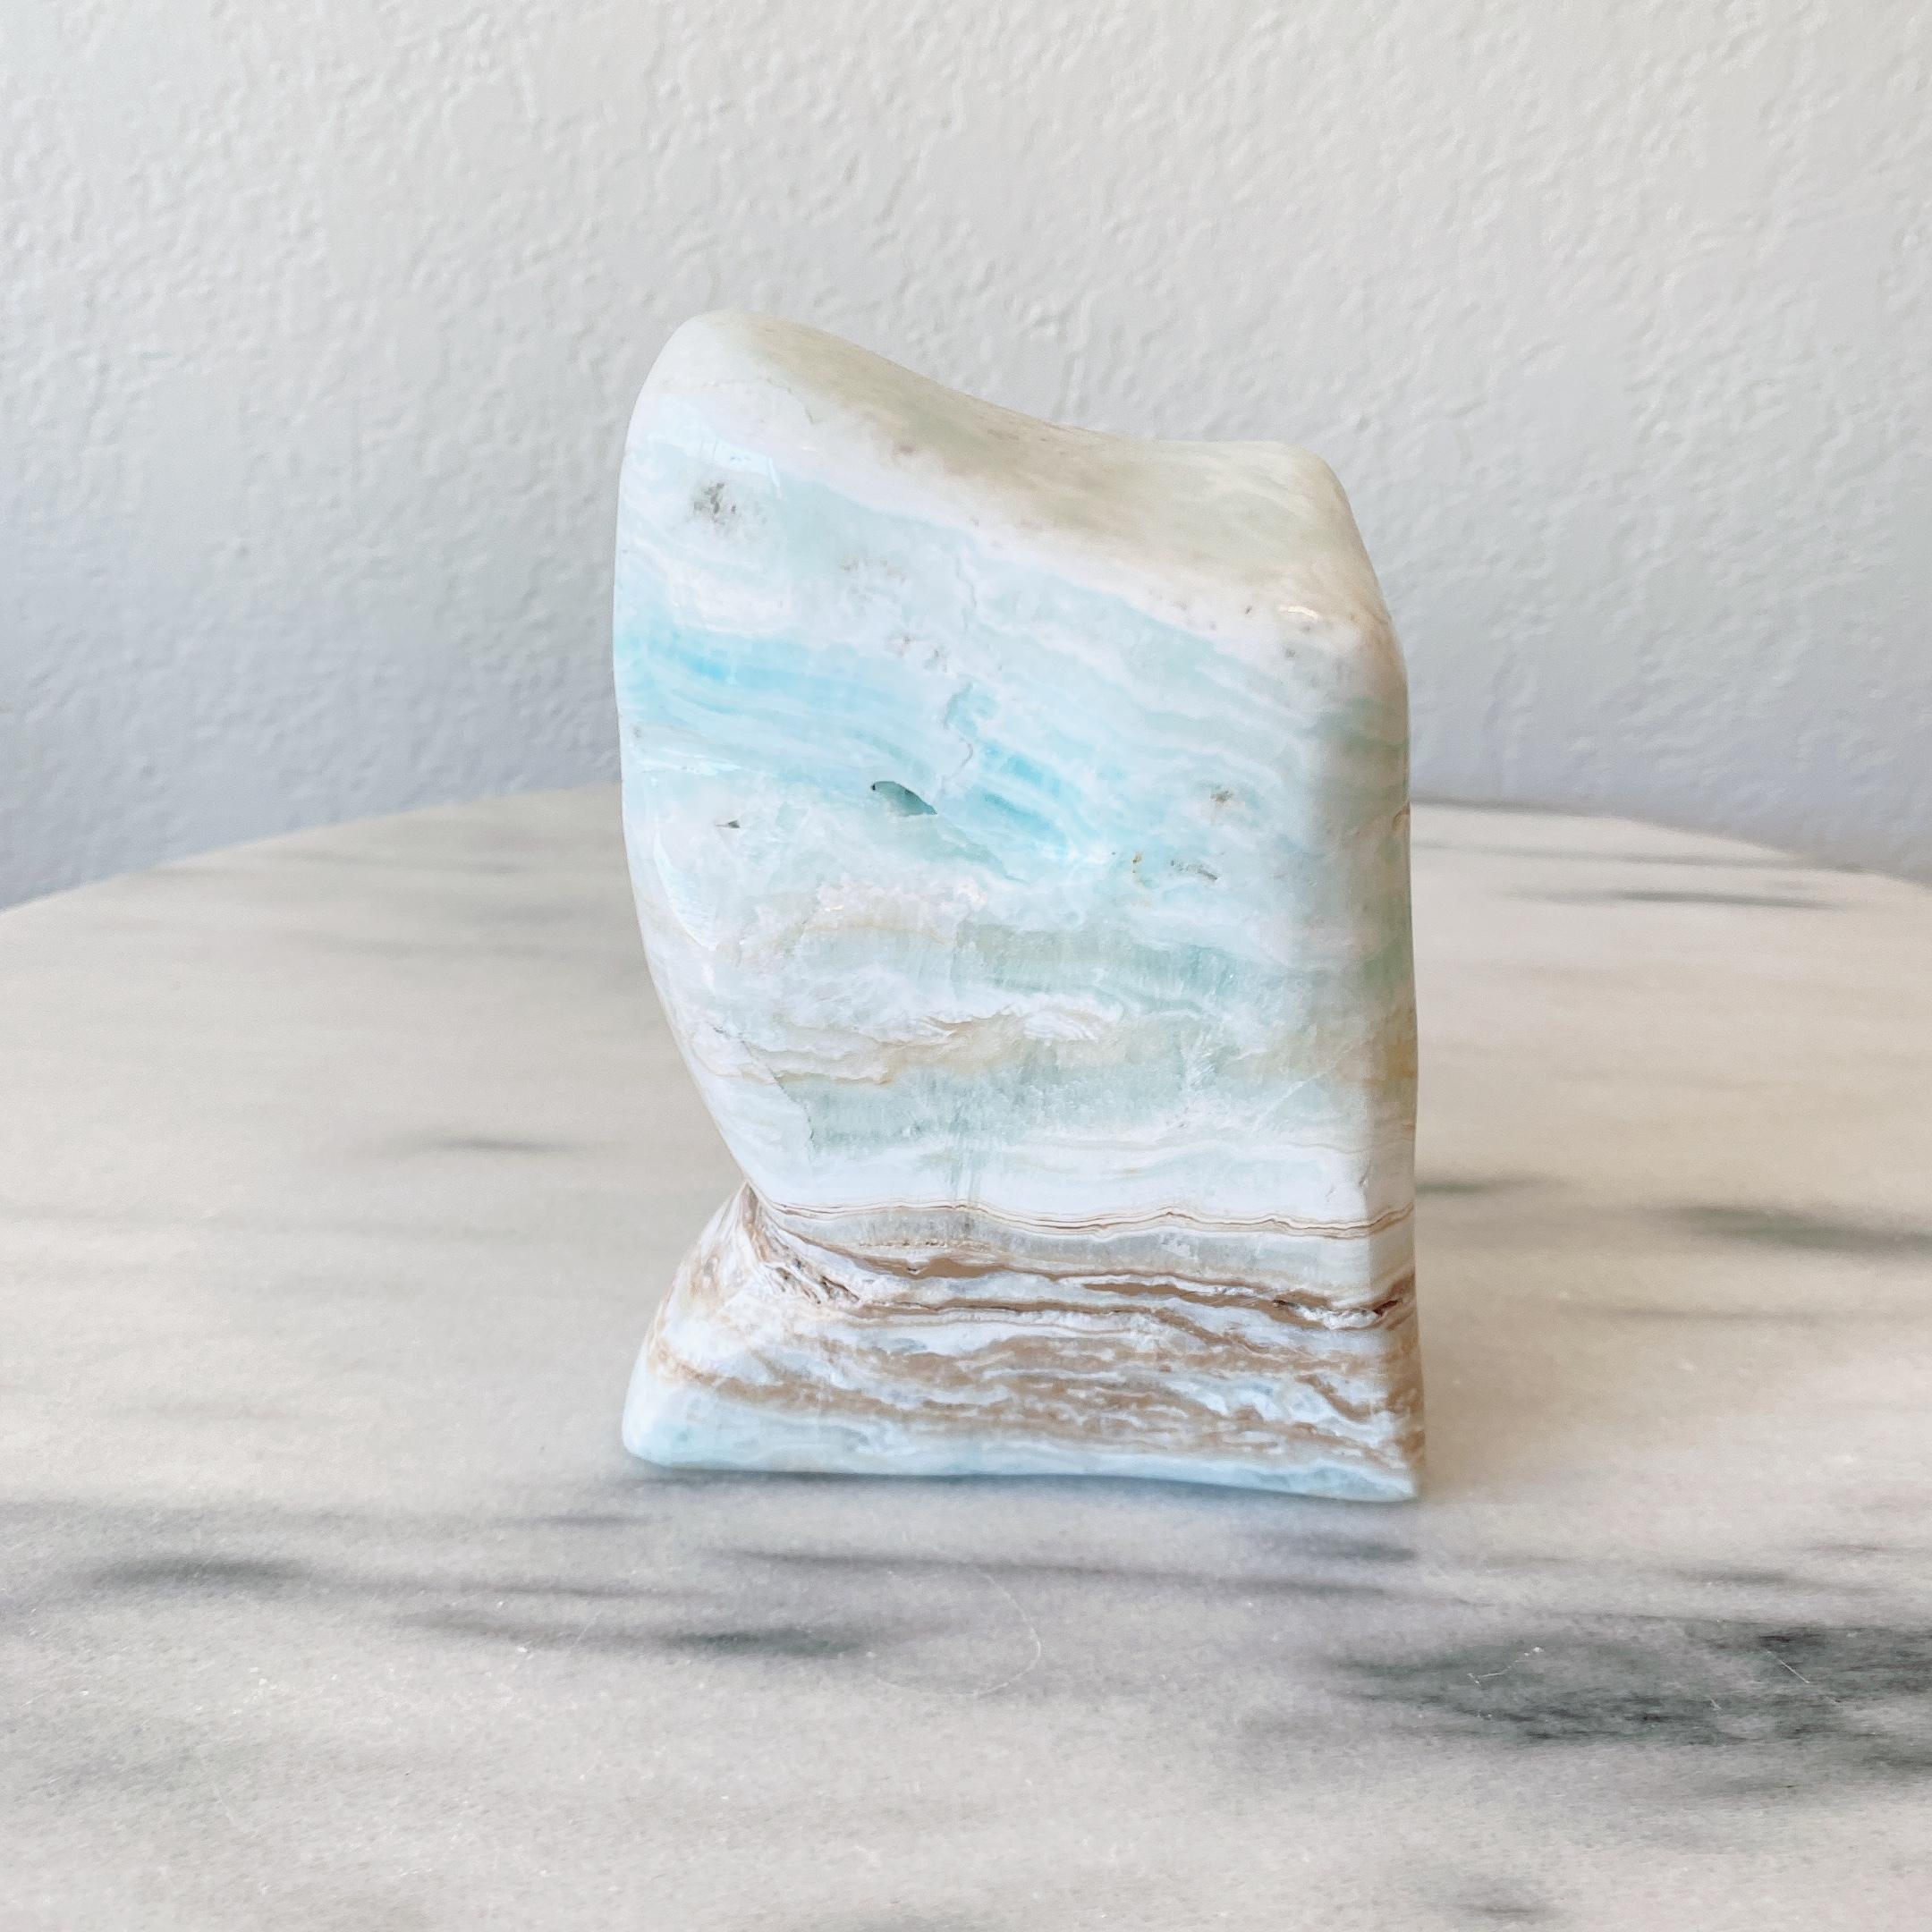 カリビアンブルーカルサイト レア型 パワーストーン 天然石